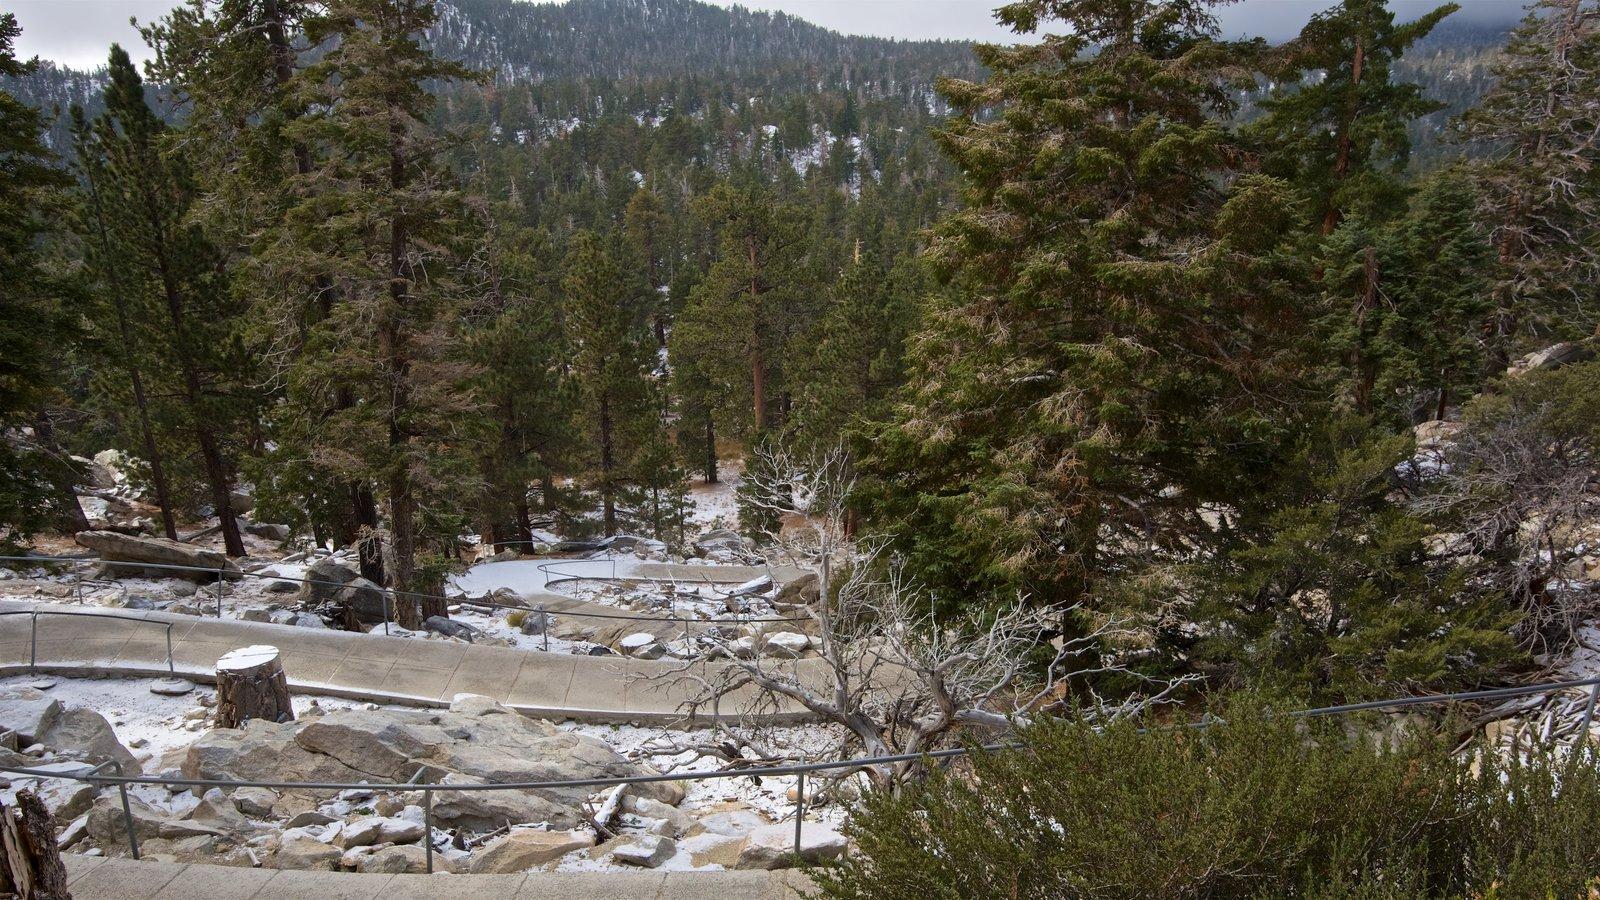 Parque estatal Mount San Jacinto que incluye bosques y escenas tranquilas